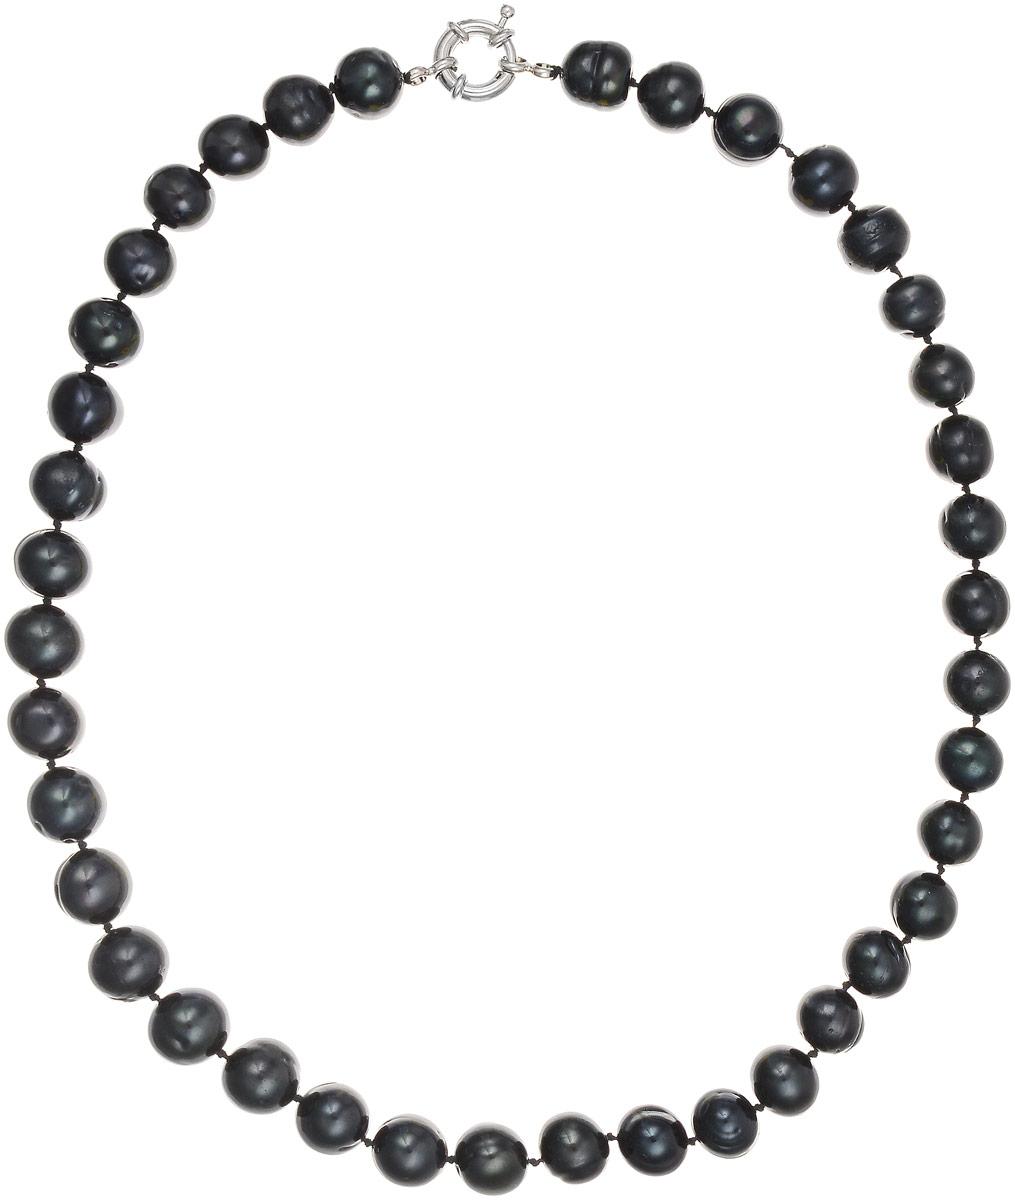 Бусы Art-Silver, цвет: черно-синий, длина 45 см. КЖ11-12А+45-806КЖ11-12А+45-806Бусы Art-Silver выполнены из культивированного жемчуга, нанизанного на текстильную нить. Украшение застегивается на практичный шпренгельный замок. Мелкие бусины диаметром 10 мм из натурального культивированного жемчуга благородного черного цвета с синим отливом имеют слегка неоднородную форму, что подчеркивает естественное происхождение жемчужин.